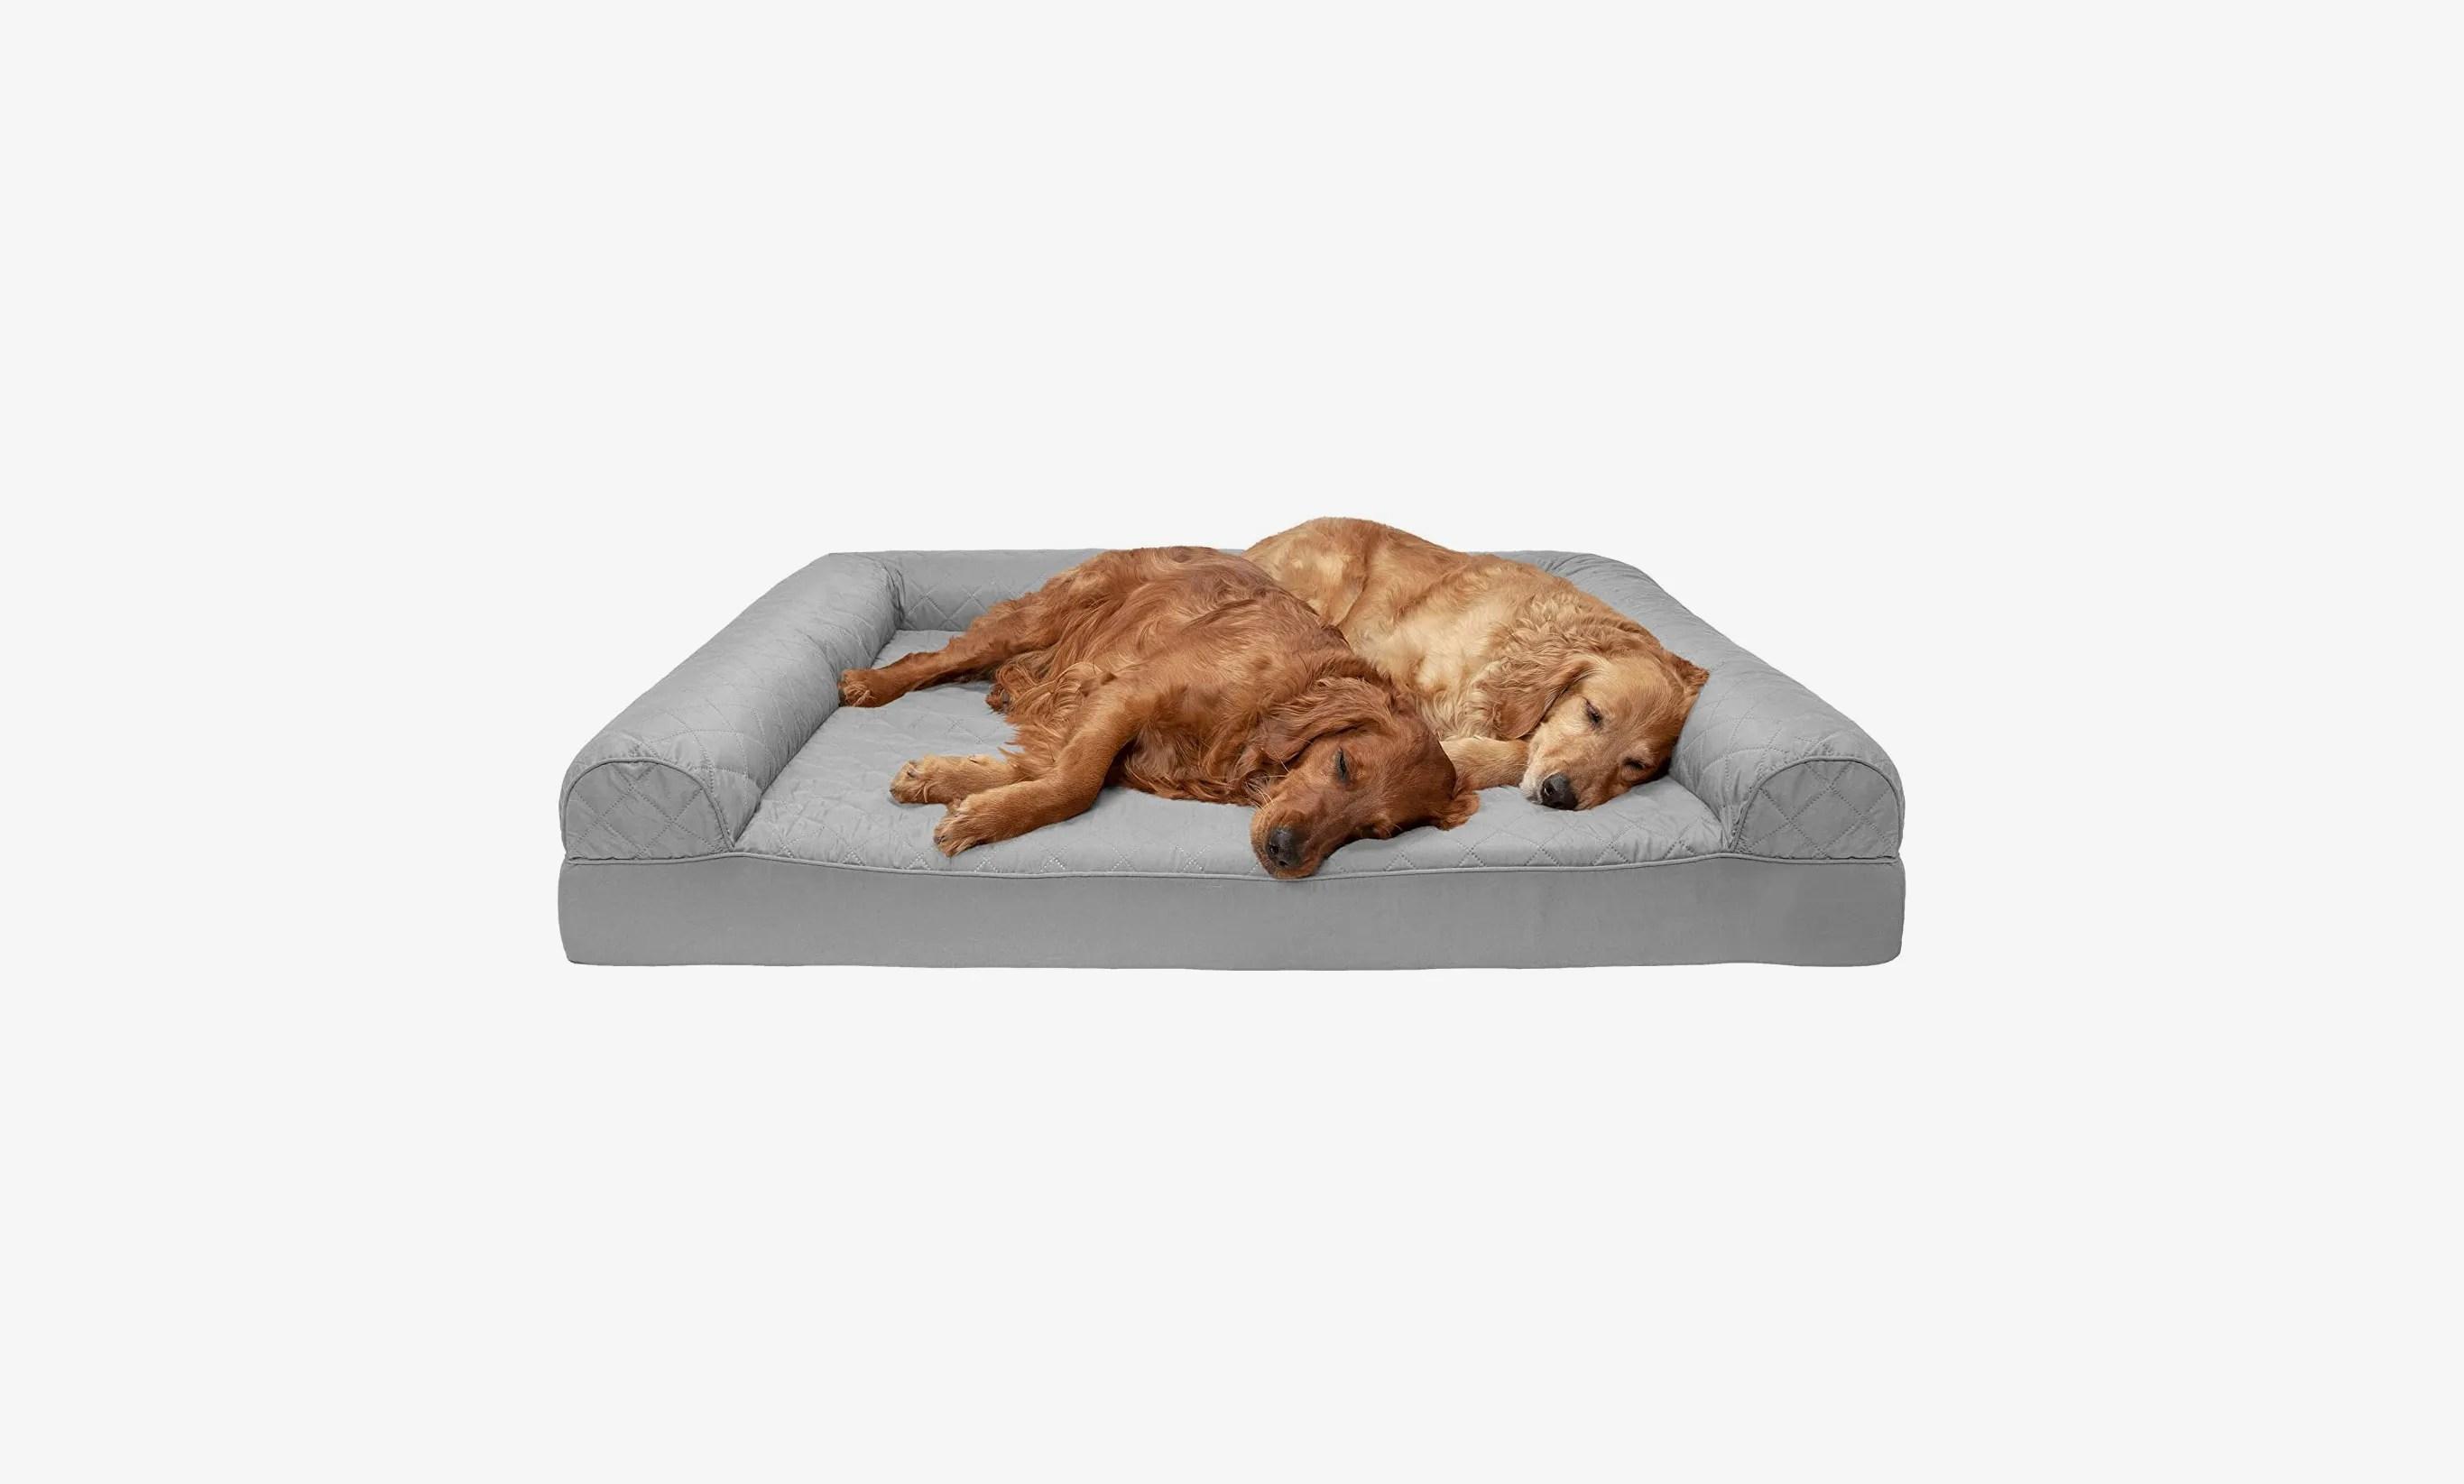 furhaven jumbo plus orthopedic sofa style dog bed